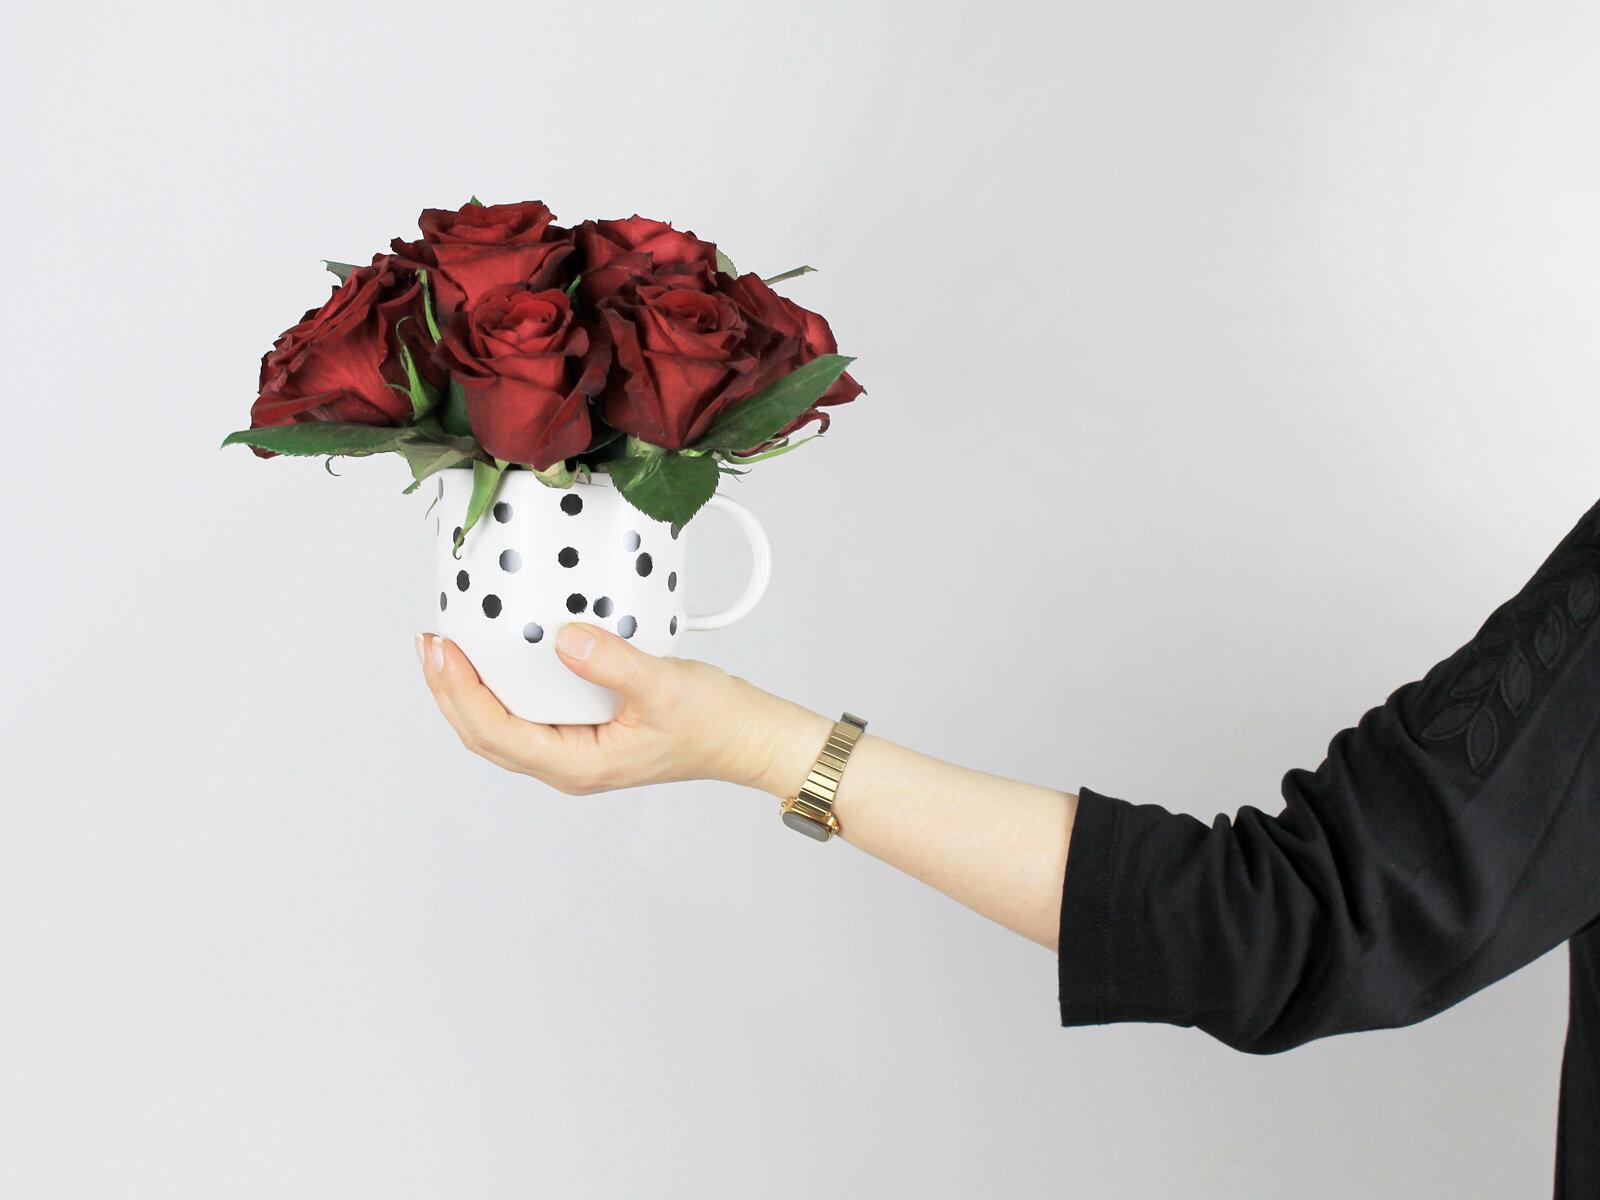 Blumendekoration für den Valentinstag: Rote Rosen in Tasse mit Punkten